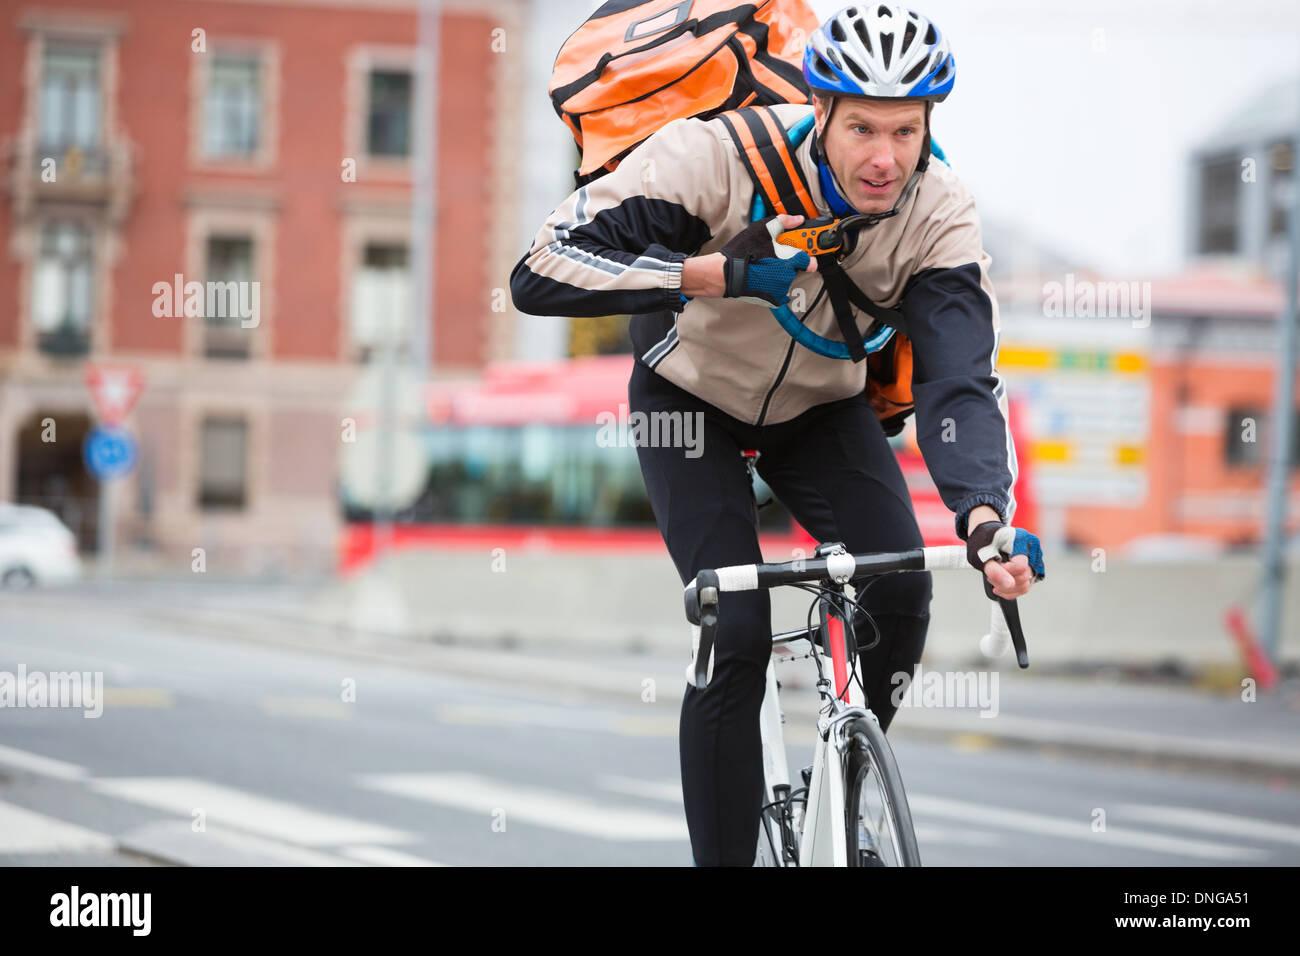 Cycliste avec hommes Sac de livraison Riding Bicycle Photo Stock